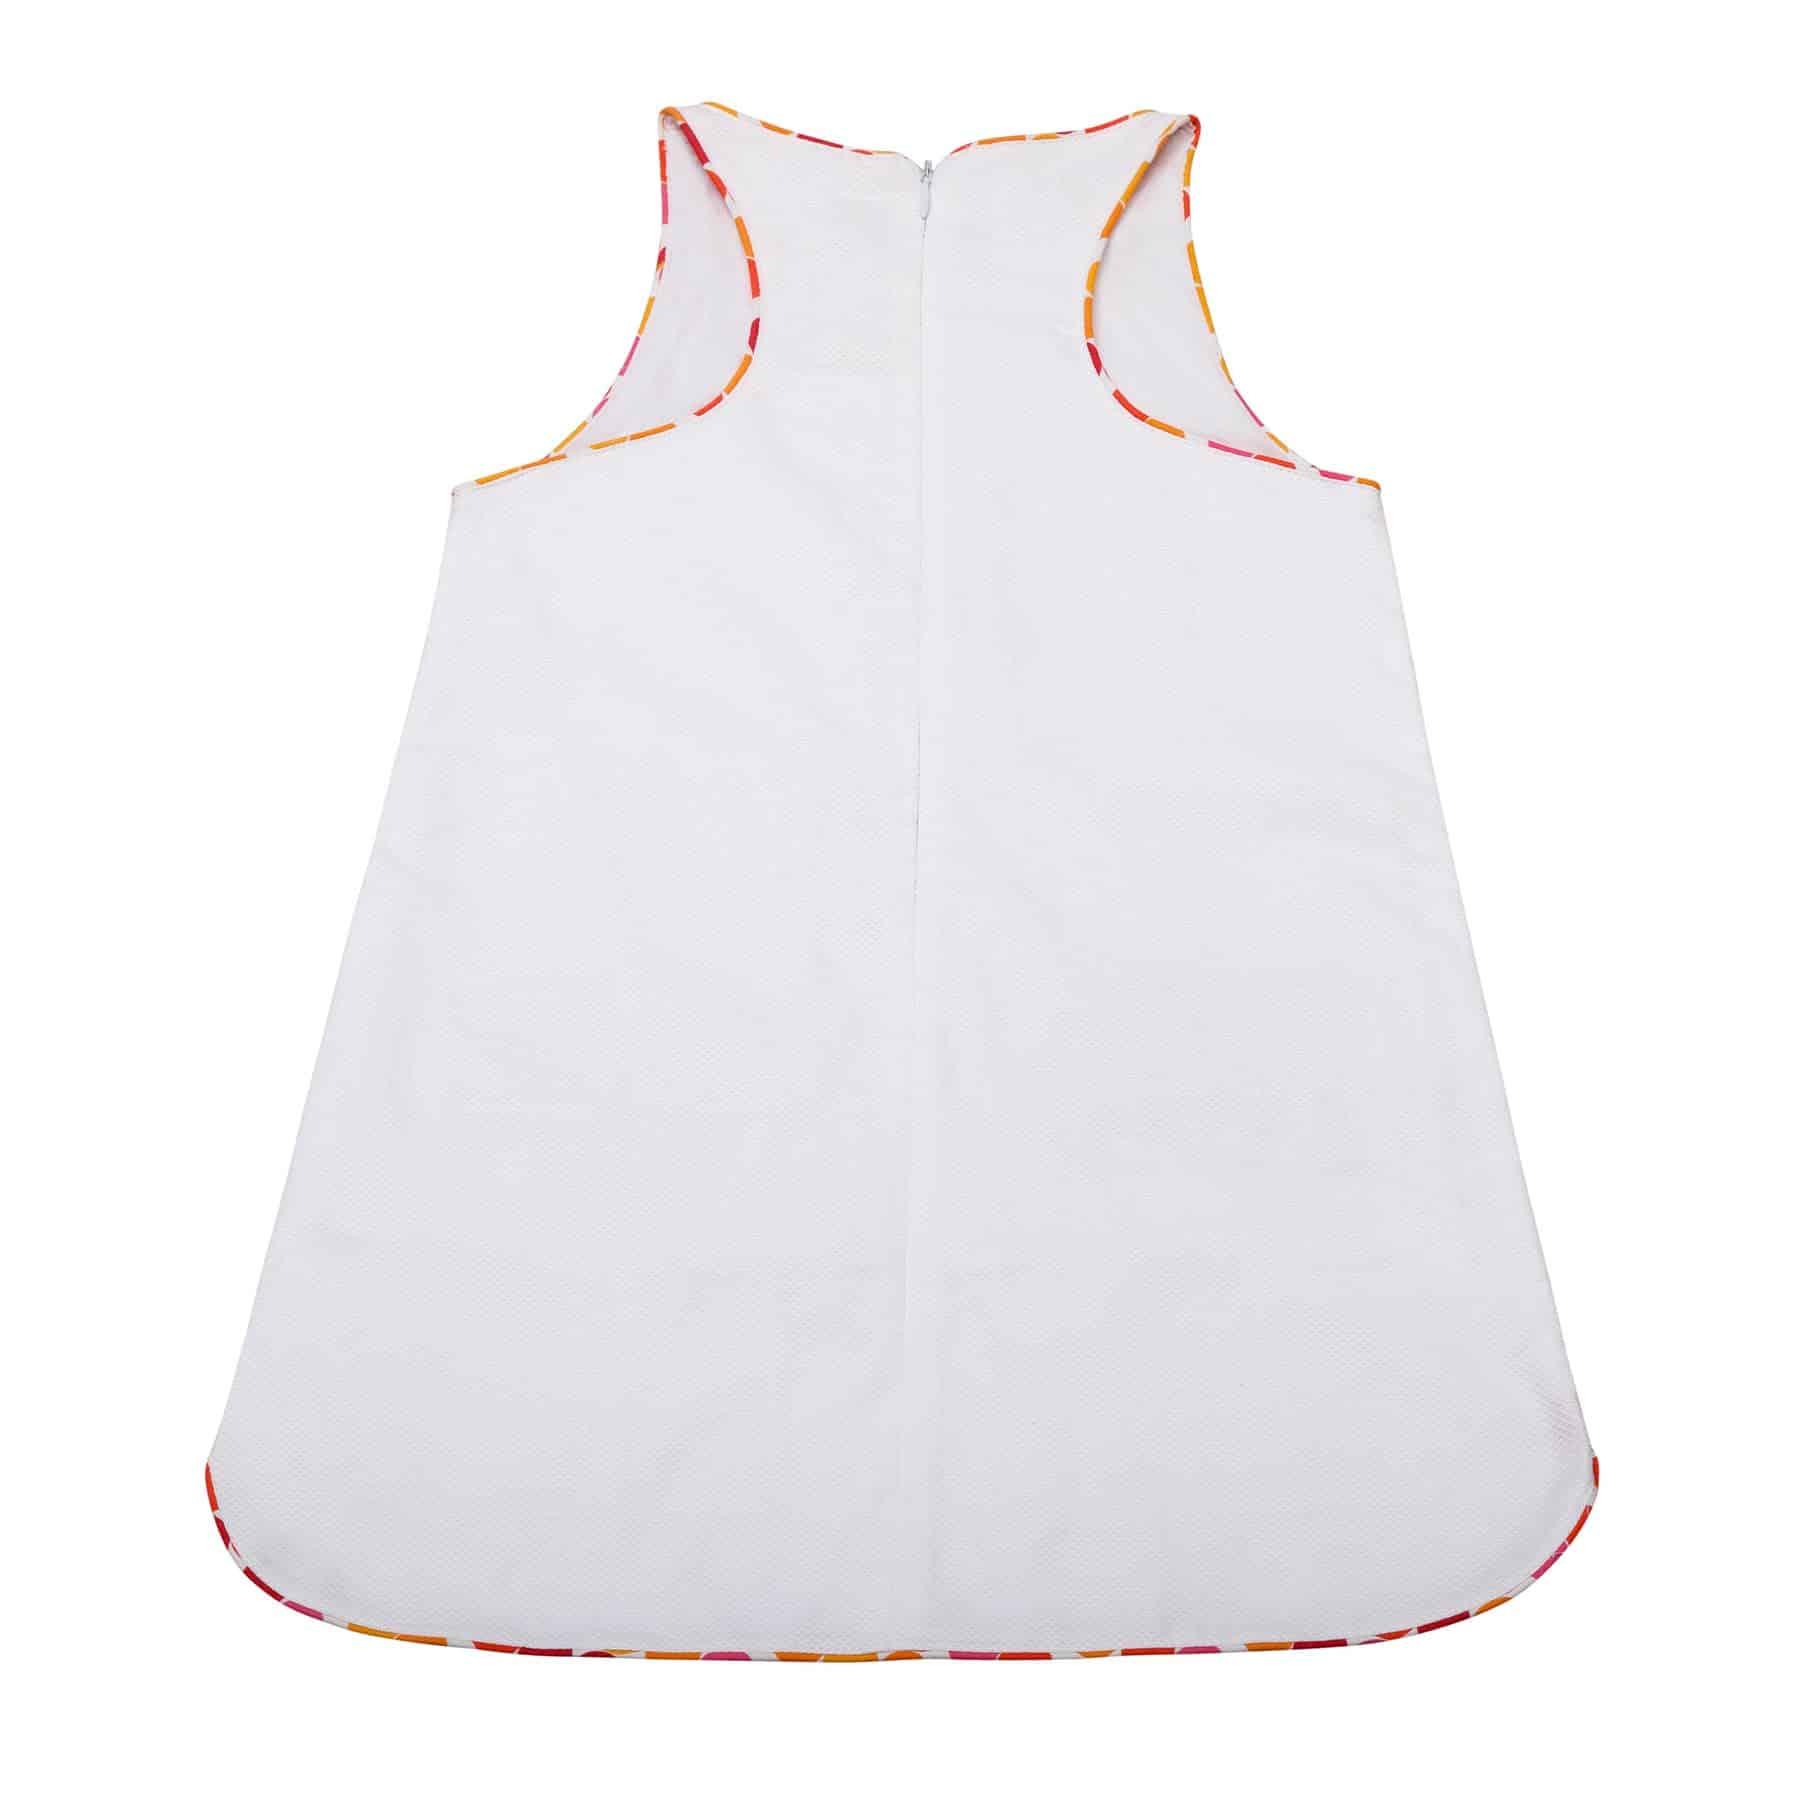 Robe trapèze été en coton gaufré blanc avec poches et détails colorés roses et oranges pour filles de 2 à 14 ans